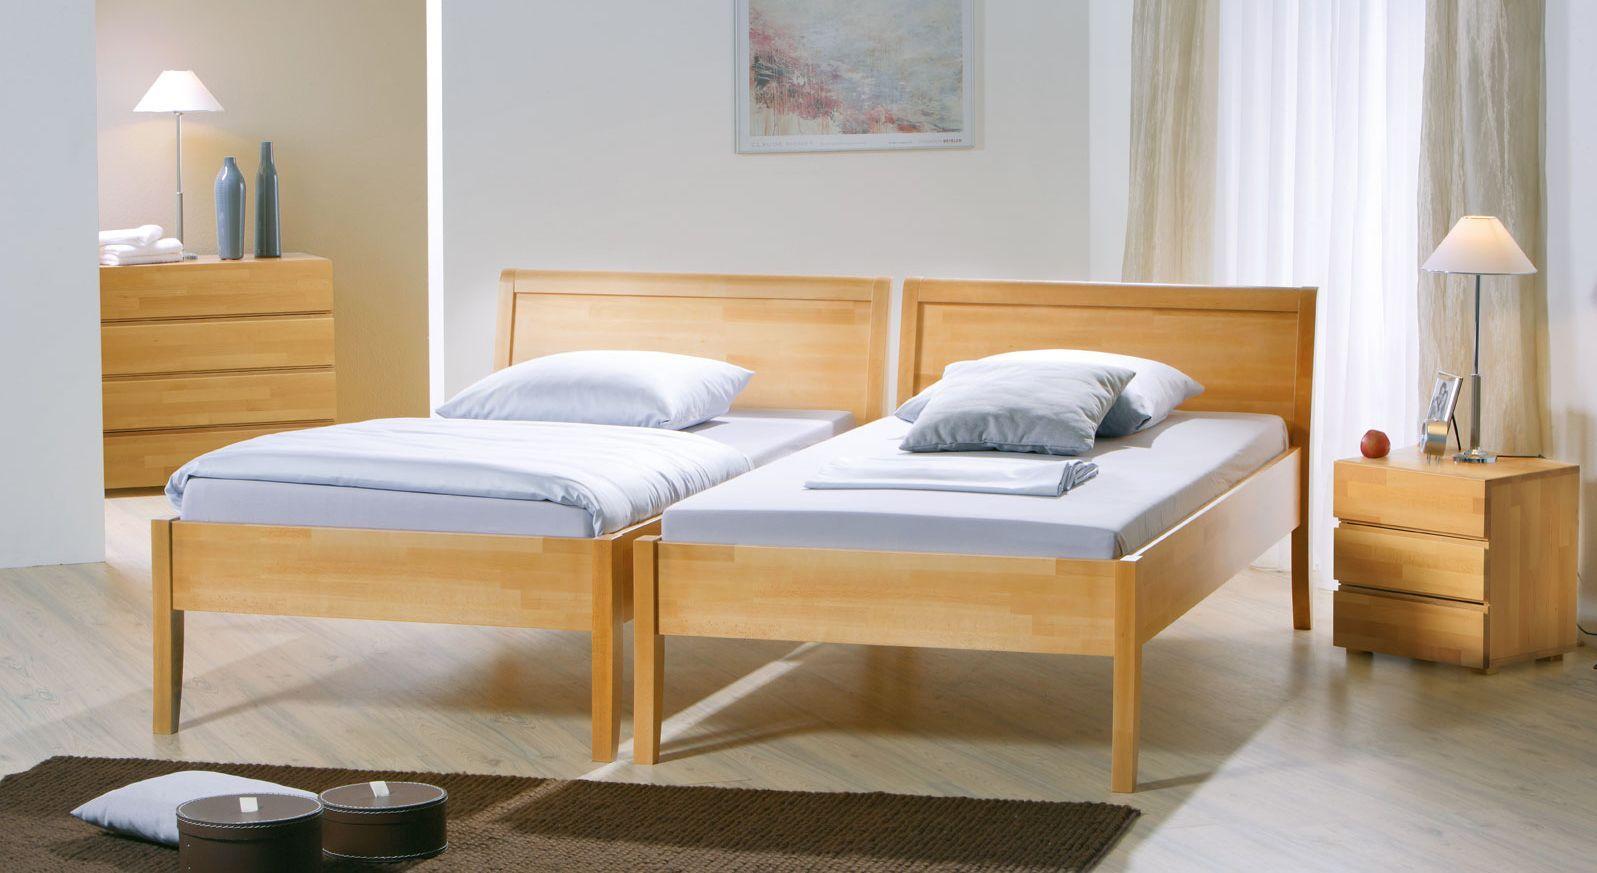 Seniorenbett Bormio in Buche natur mit Komforthöhe von 48cm